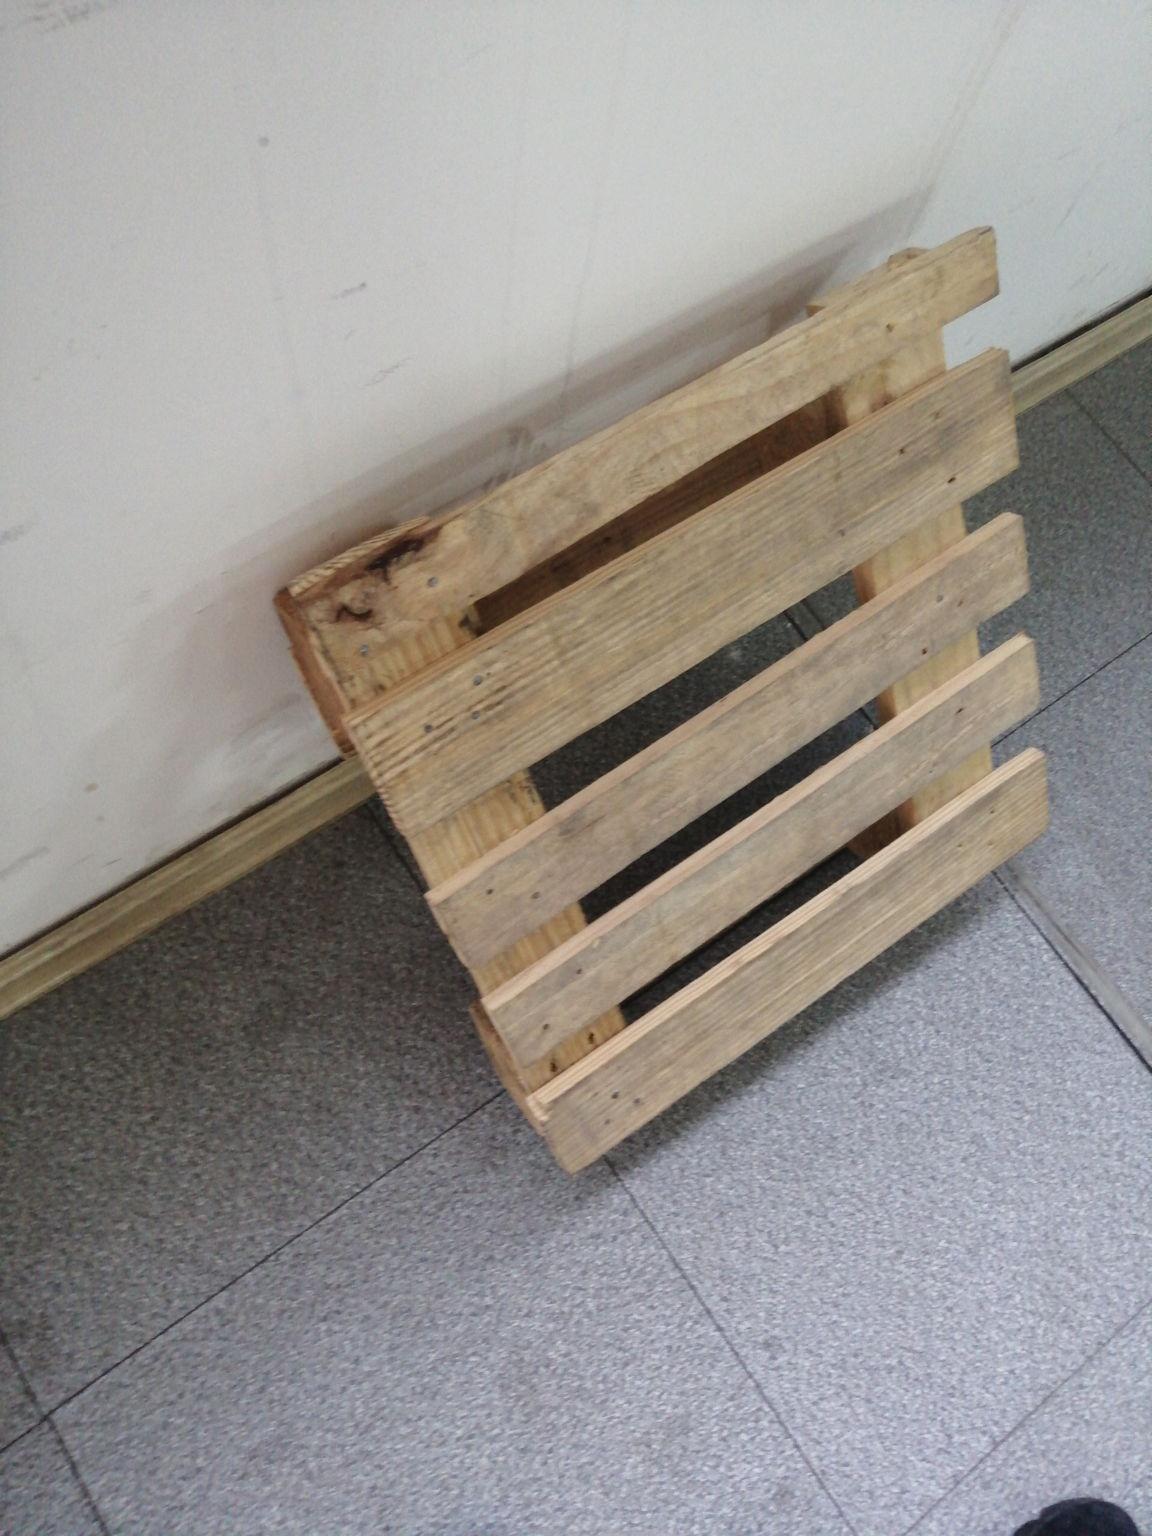 苏州木托盘?,➥〕╉ ?质厂家苏州木托盘?,●ⅻ✃#┿?质厂家-南通木托盘厂